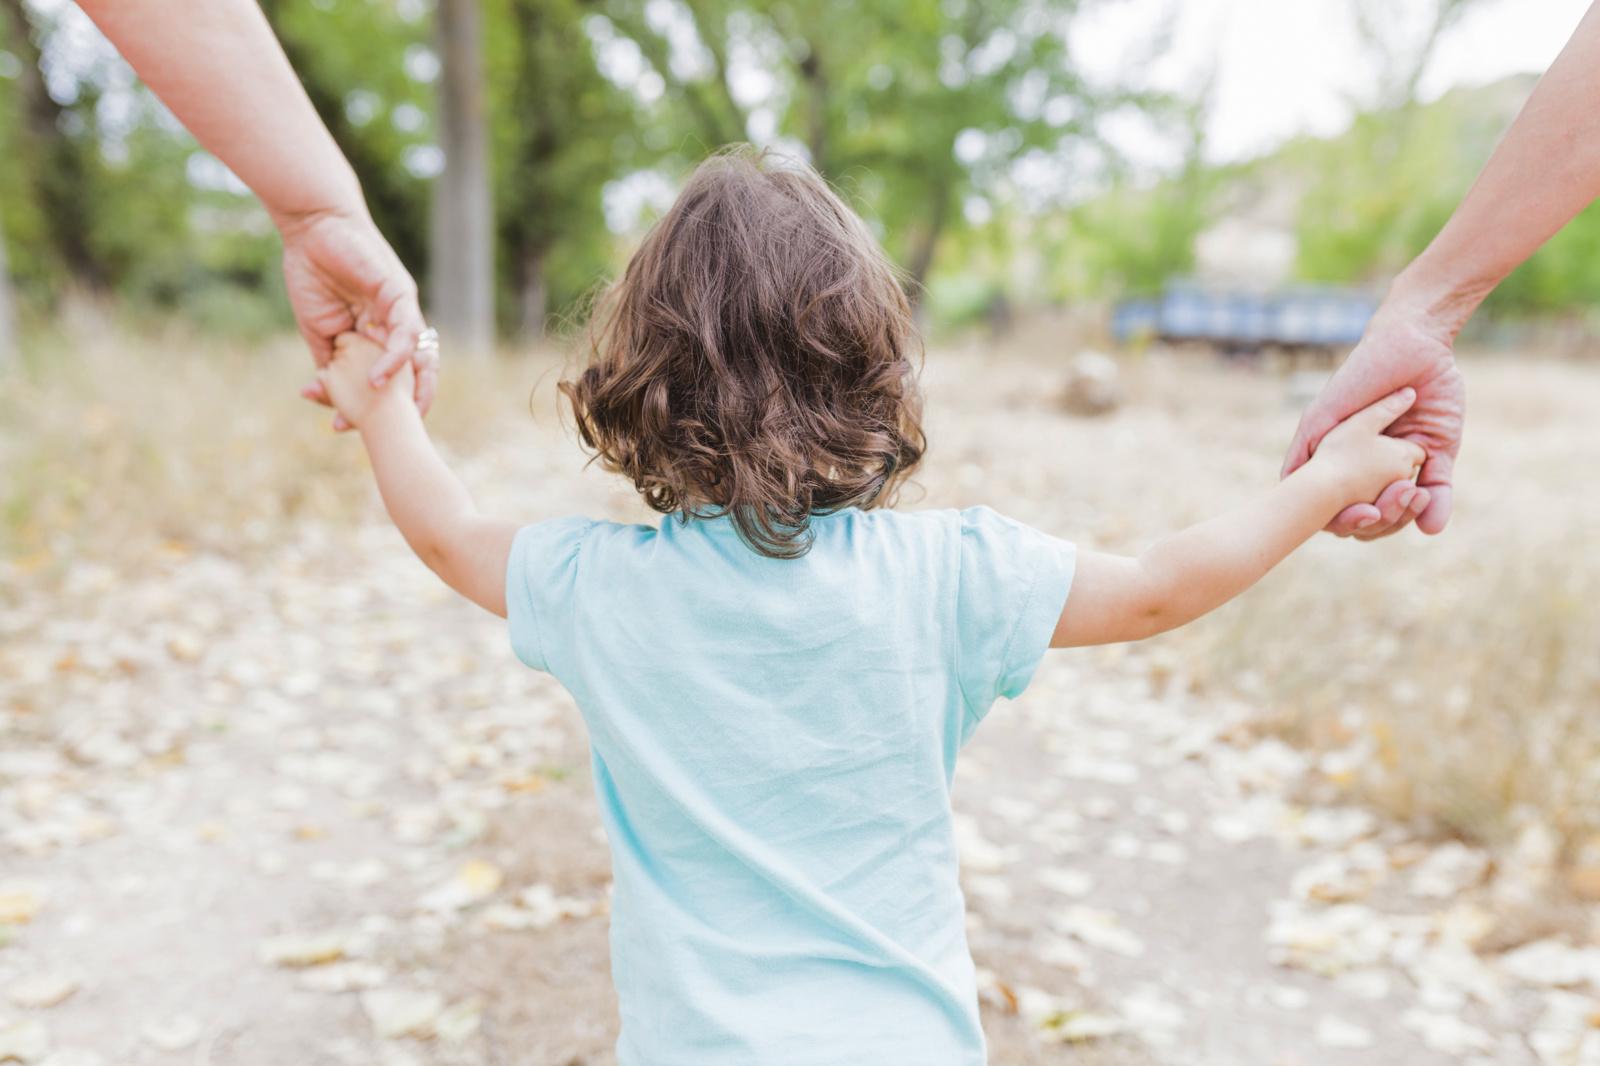 Tinkamai nepasiruošus antrai koronaviruso bangai, laukia dideli išbandymai mūsų vaikams